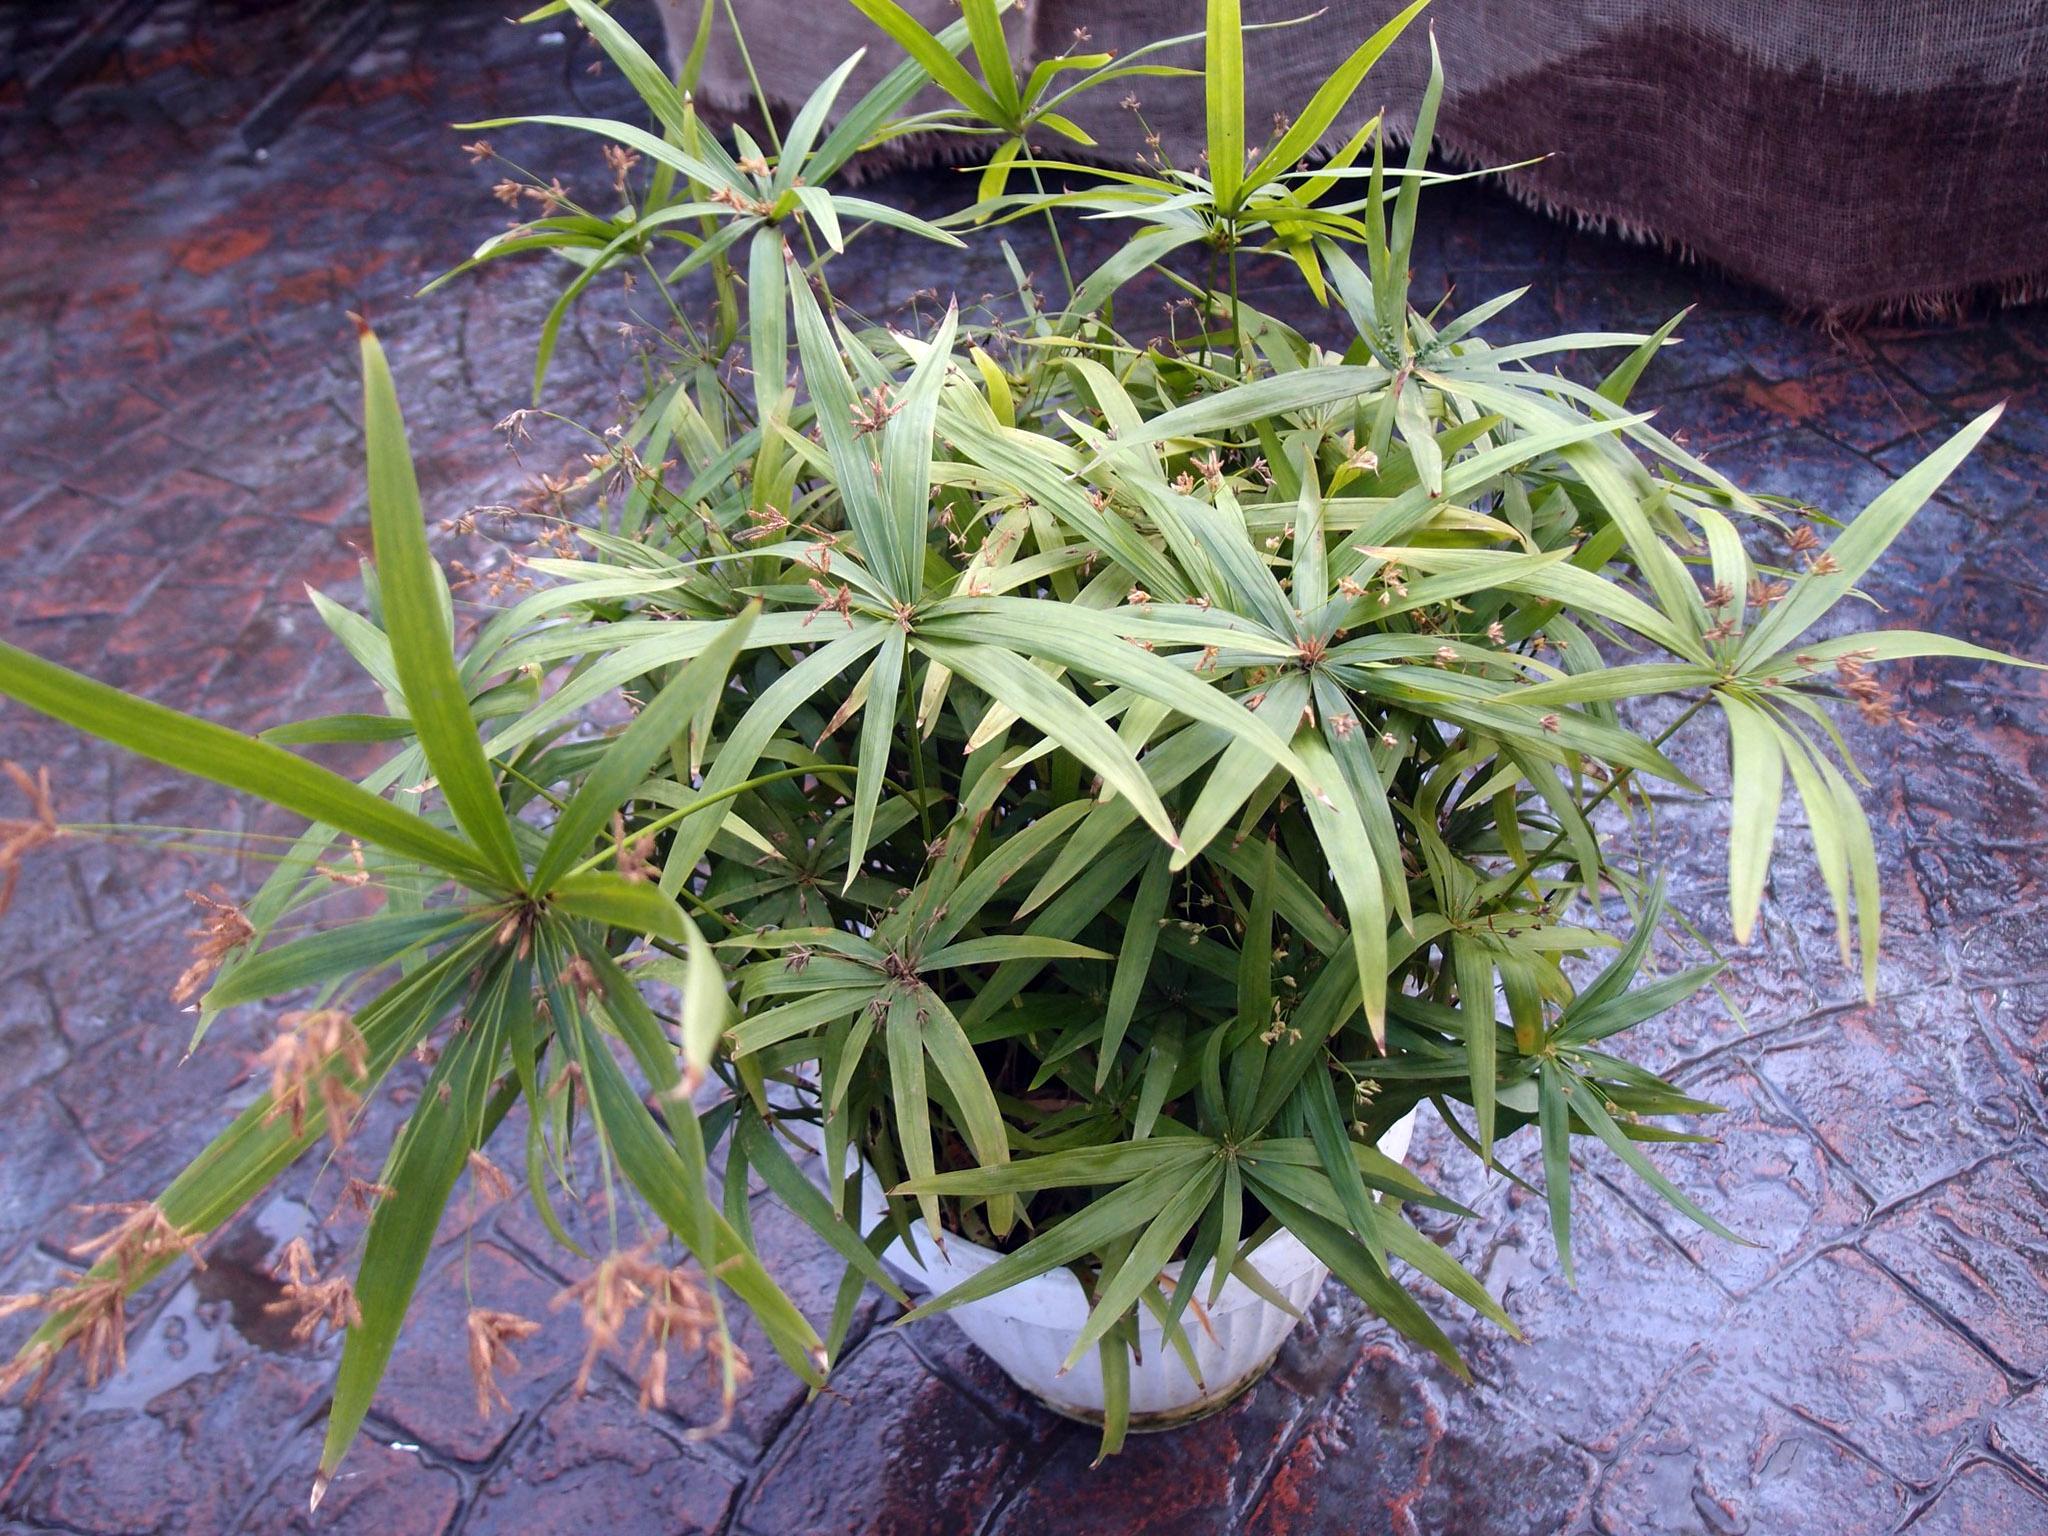 Padrikoji viksvuolė (cyperus albostriatus)